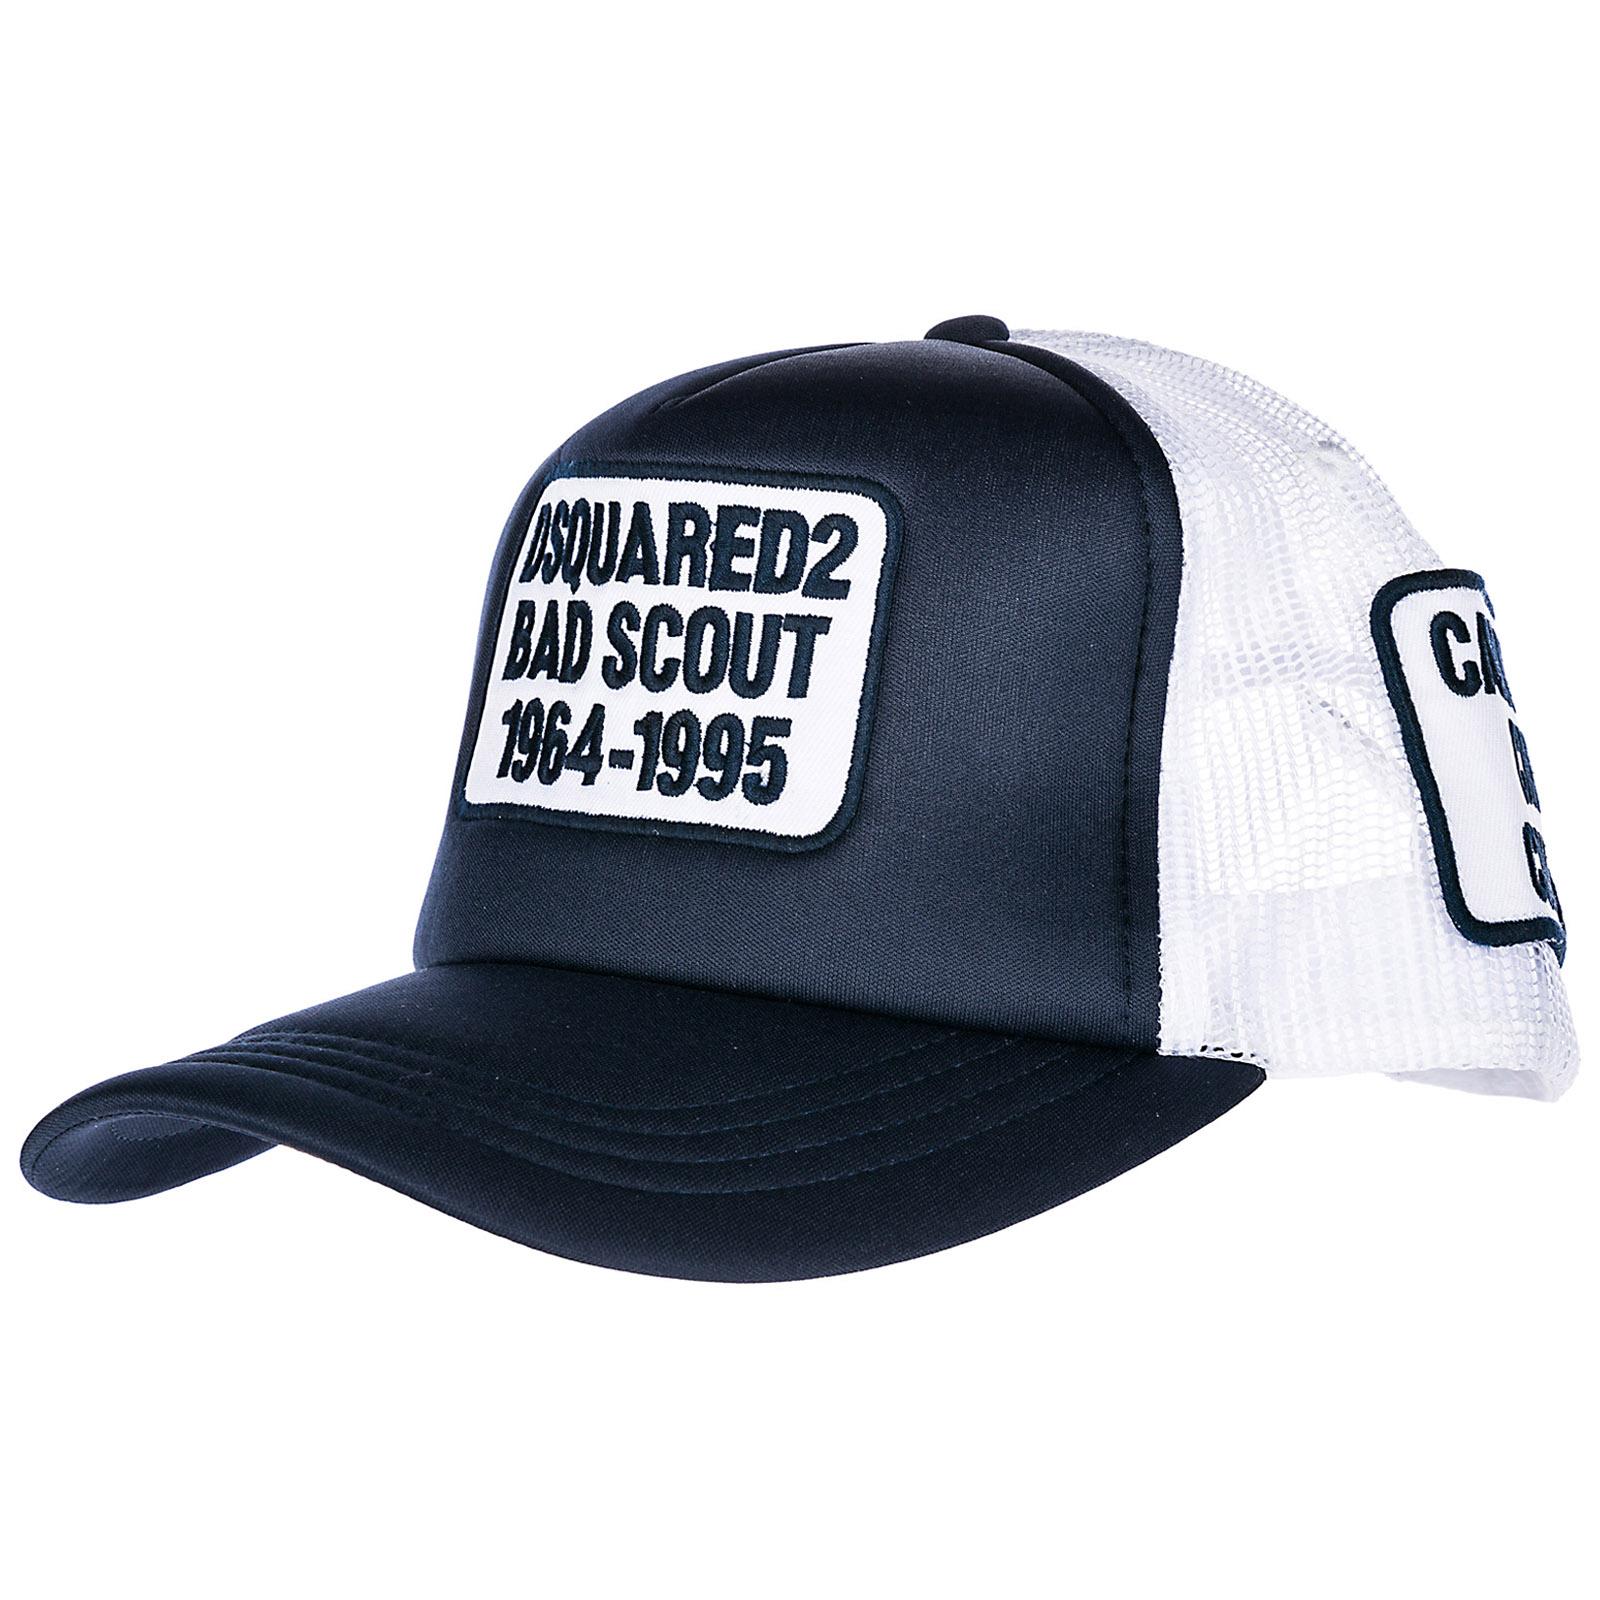 Cappello berretto regolabile baseball bad scout